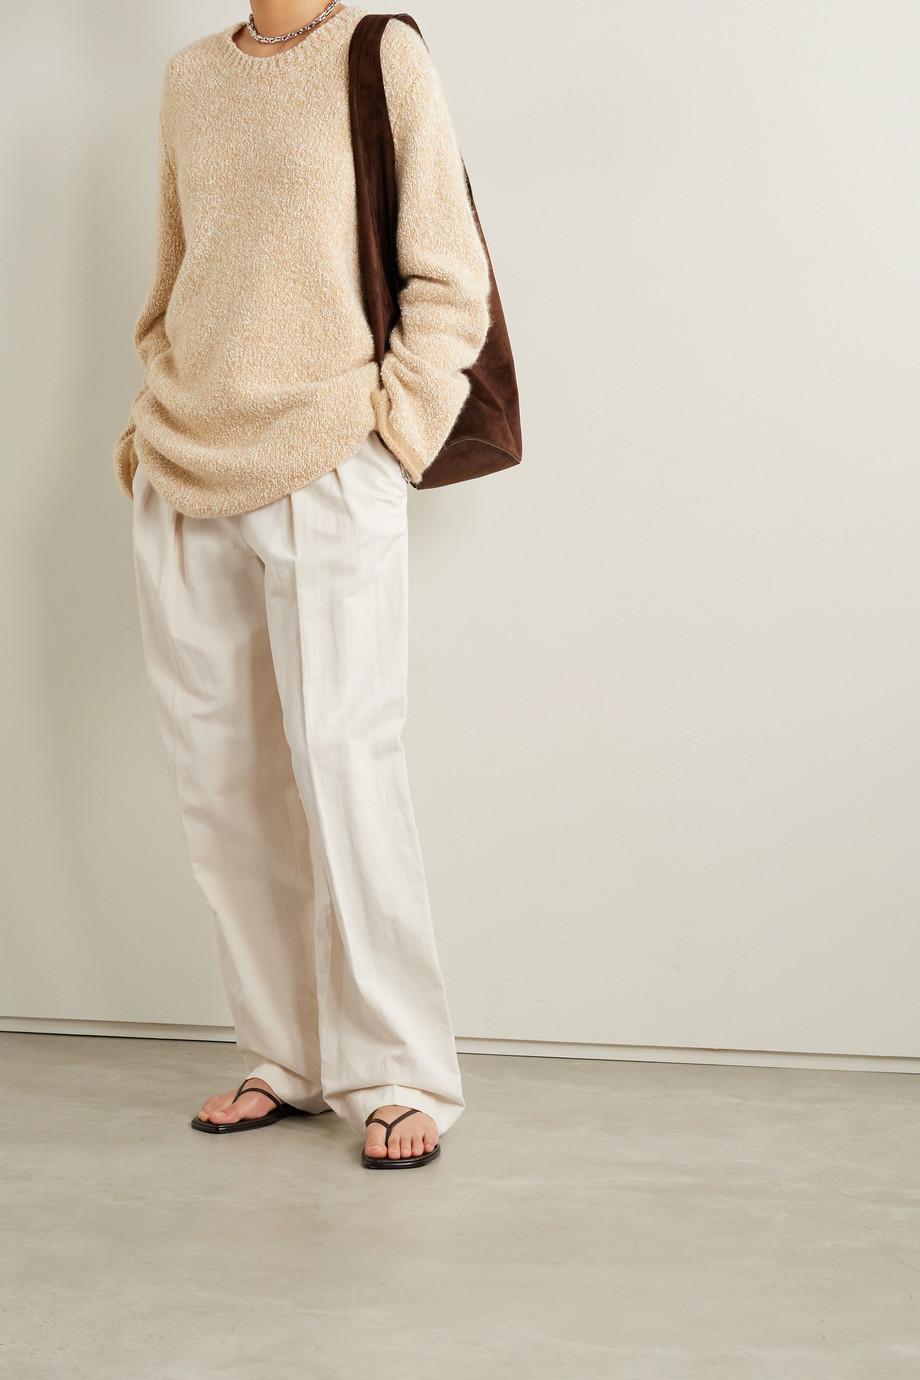 The Row Igor Hose mit weitem Bein aus Twill aus einer Baumwoll-Leinenmischung mit Falten